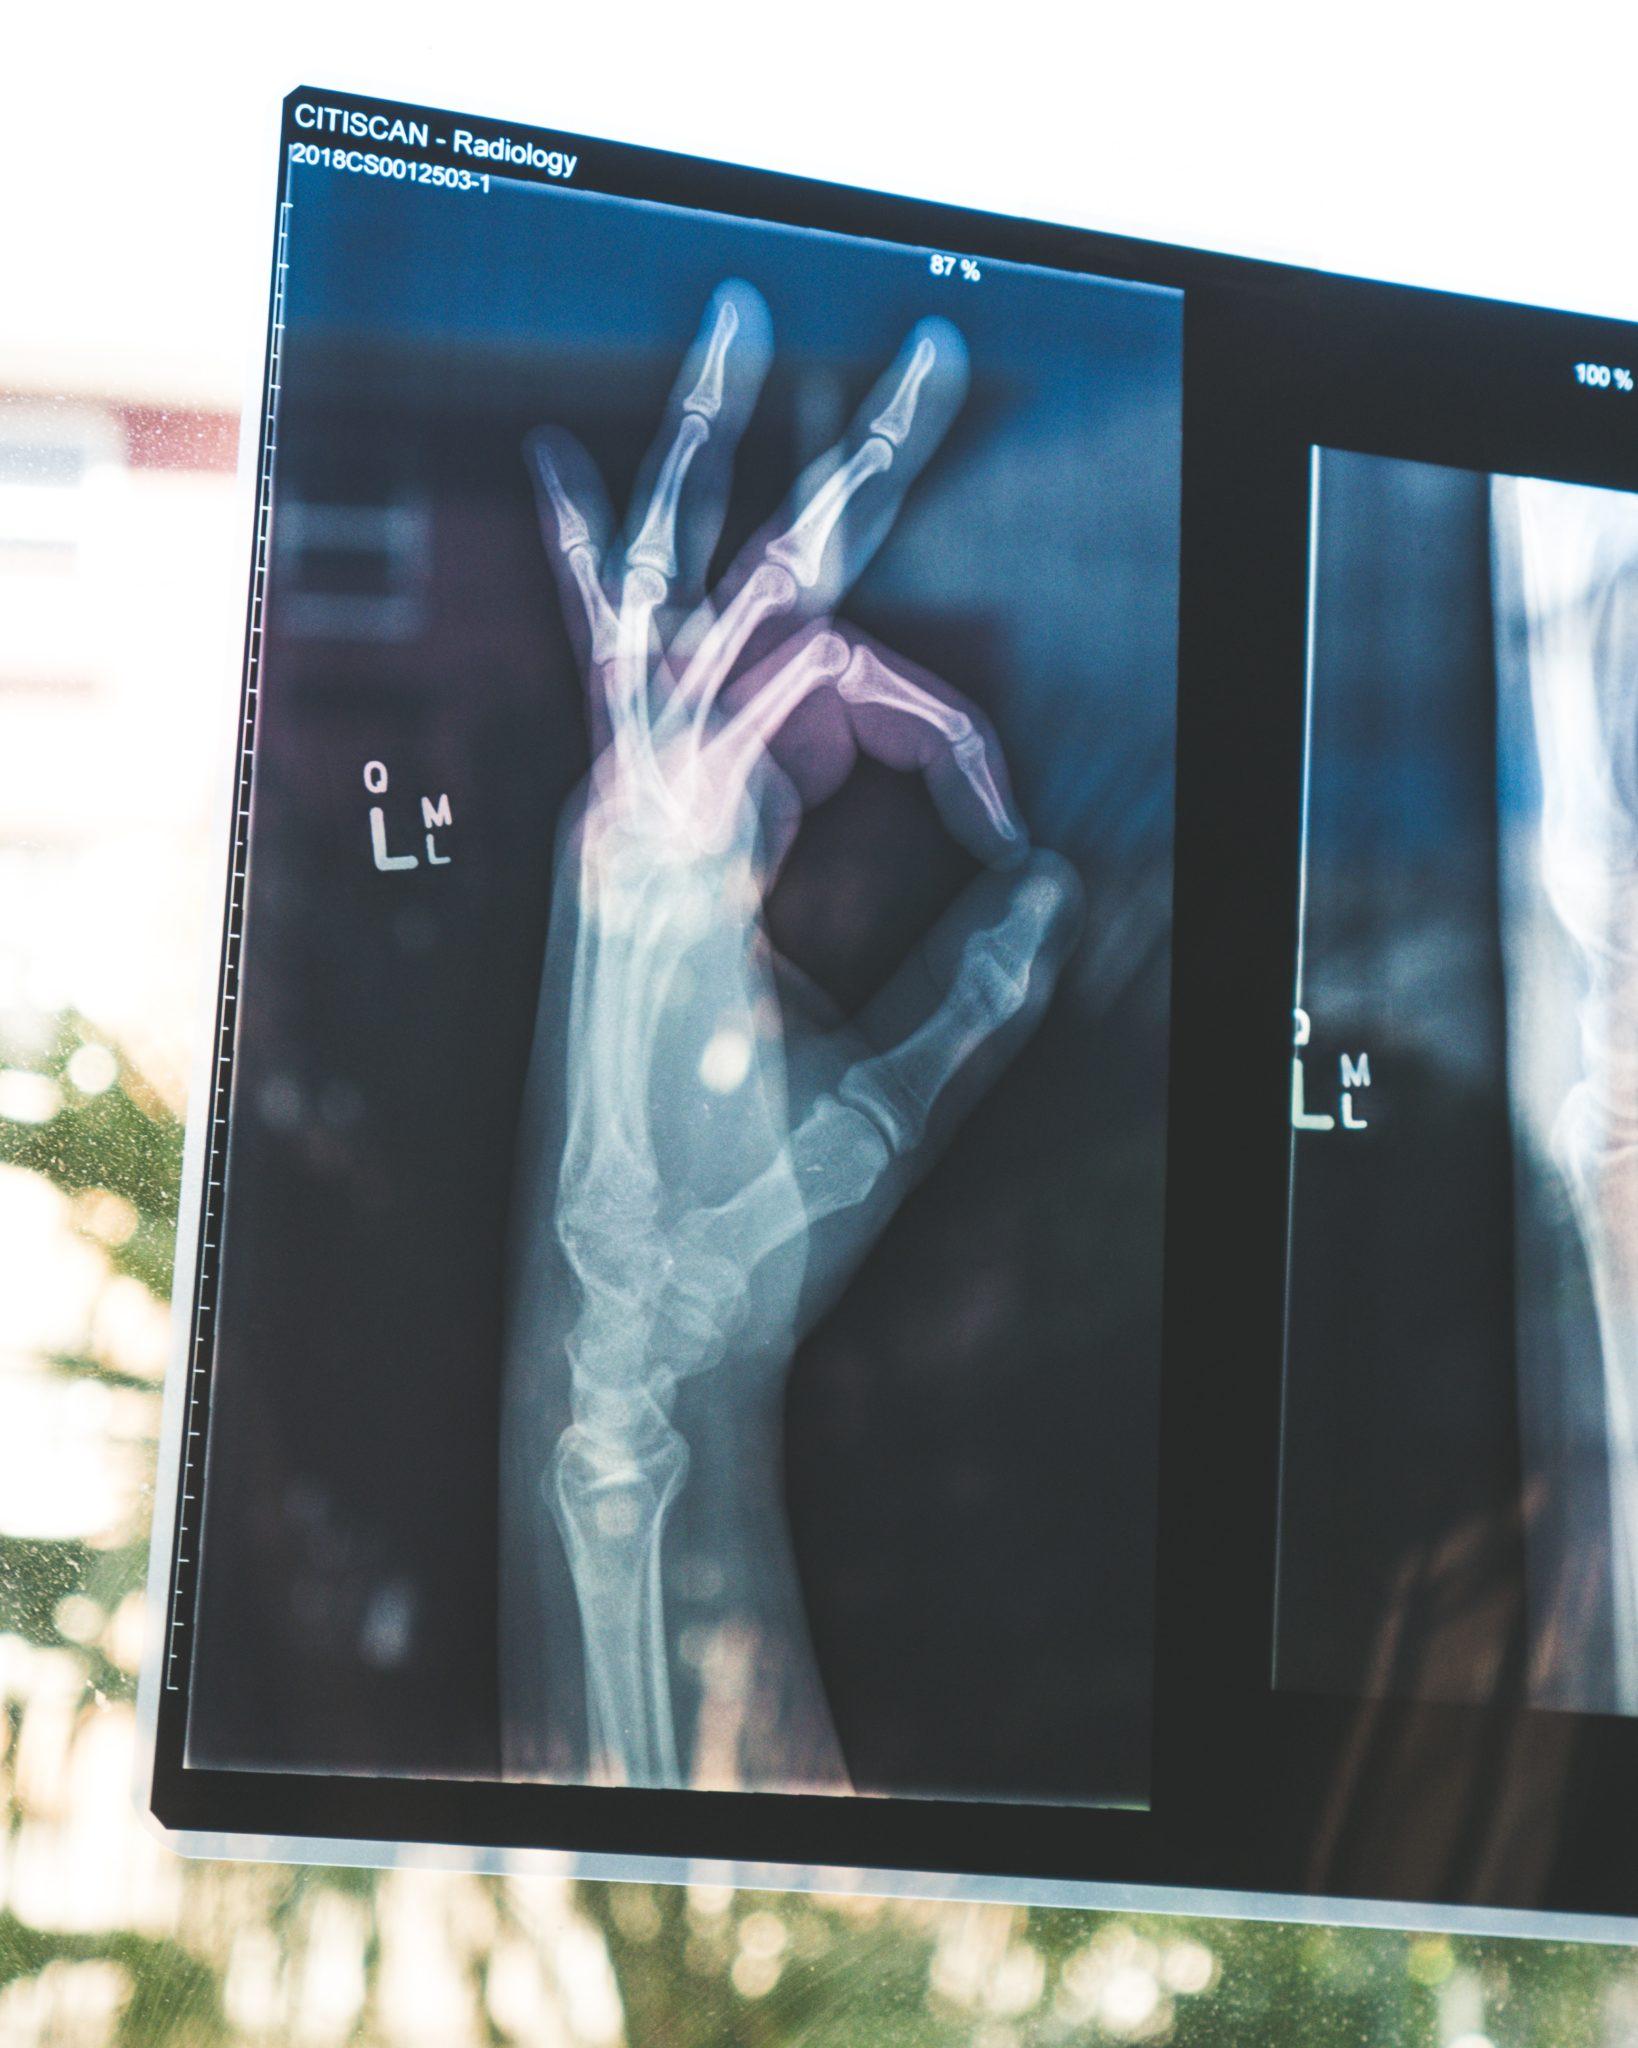 Röntgenbild einer Hand